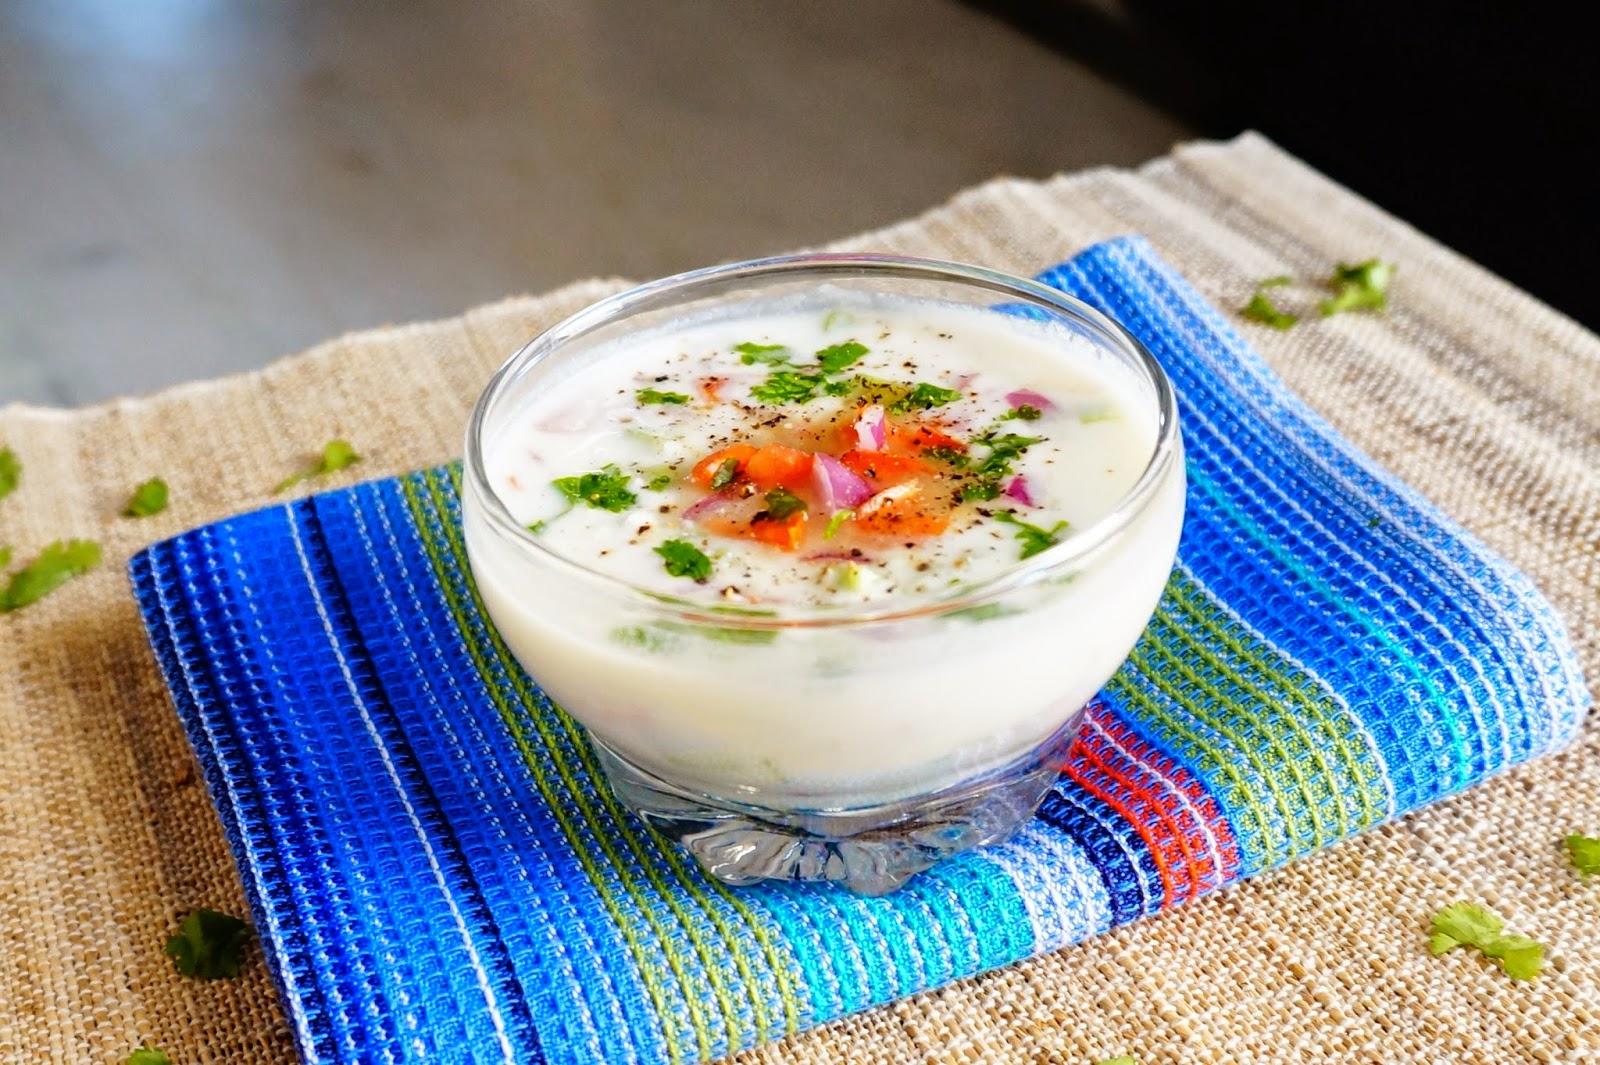 Raita,Yogurt,mix veg raita,dahi,curd,side dish,parantha dahi